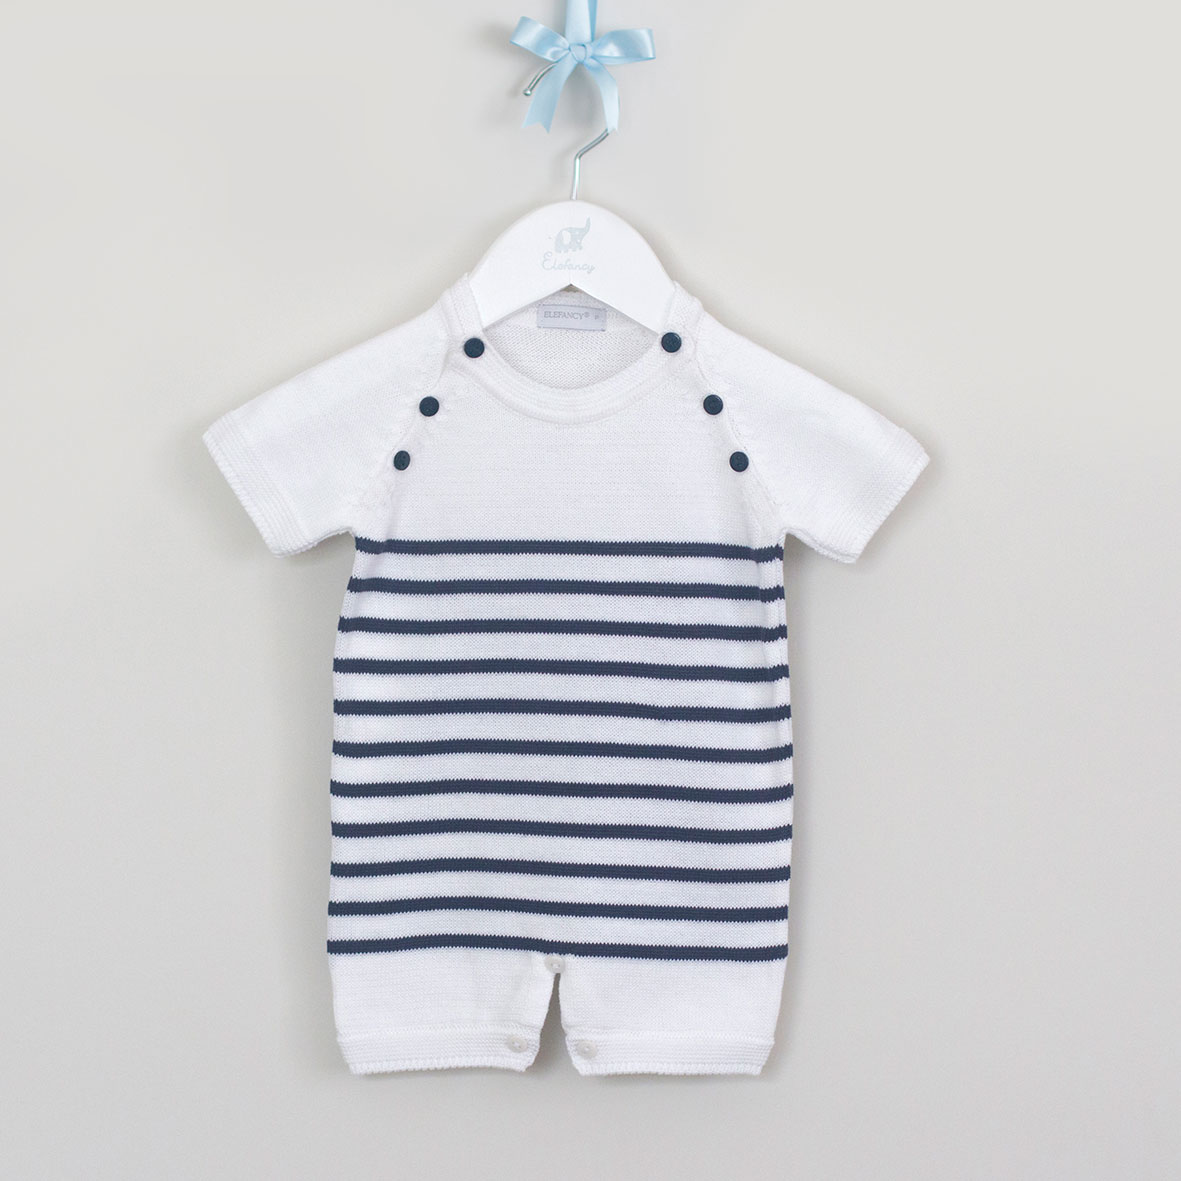 Macacão de bebê curto listrado Navy